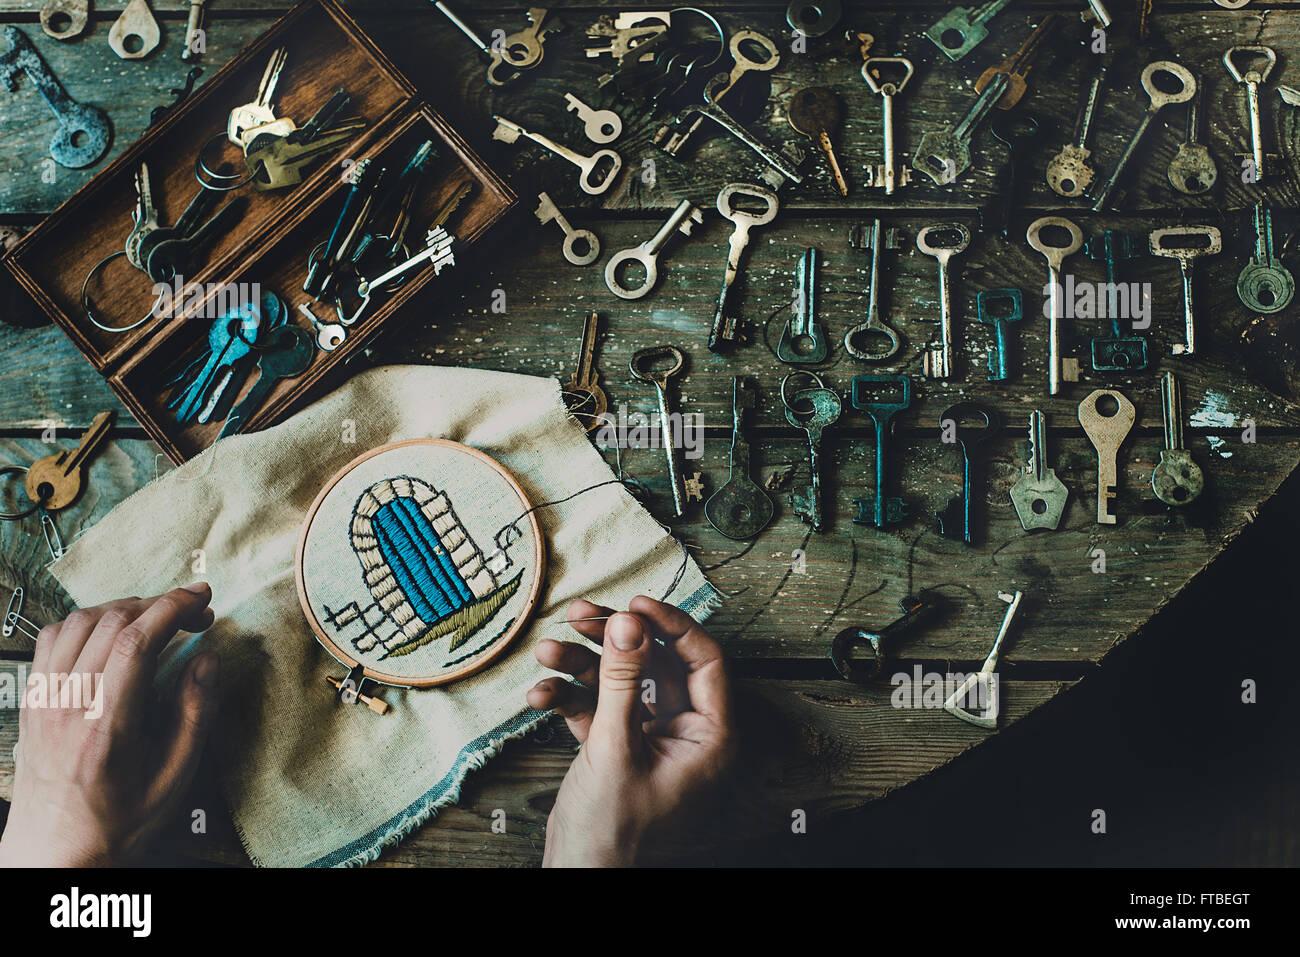 Wes Anderson von oben Draufsicht Hände Tasten Stickereien Handarbeiten gesperrten Prinzessin im Turm Nadel Stockbild